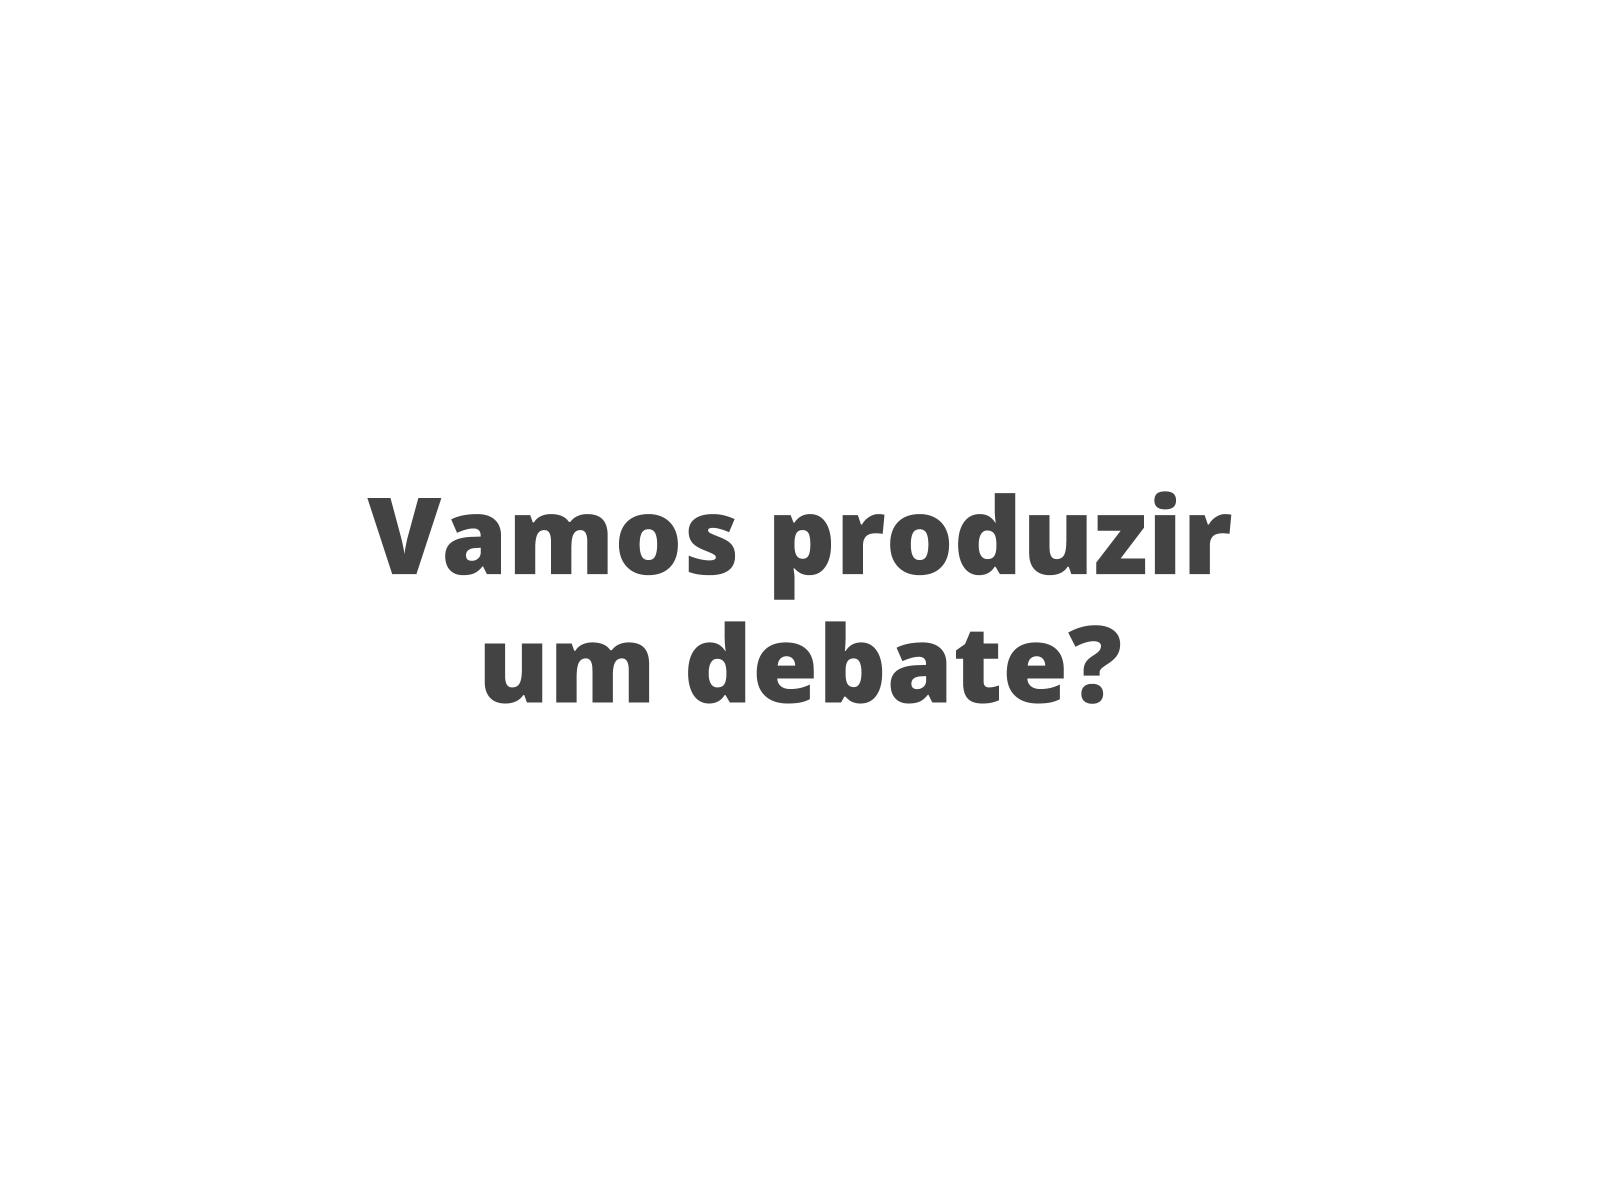 Debate regrado: a produção